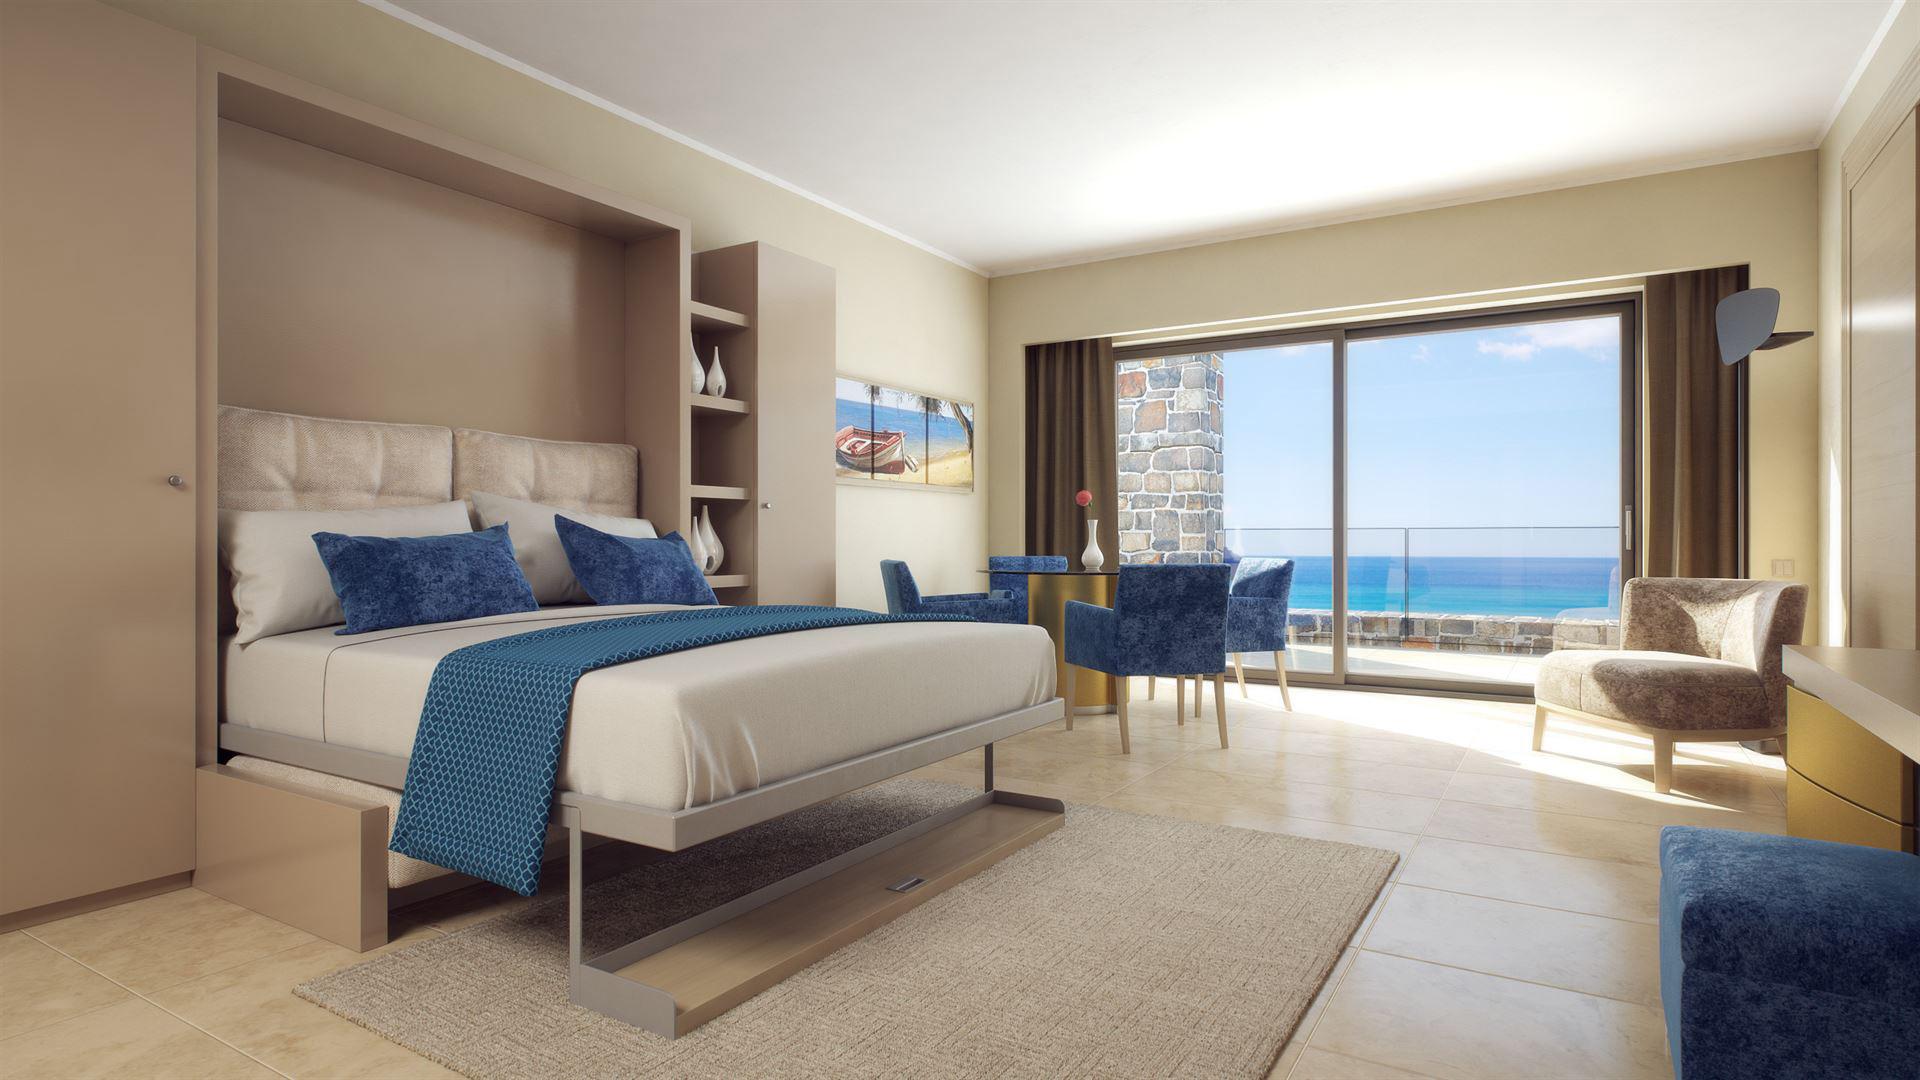 Apartamento en venta en Dubai, EAU, 3 dormitorios, 186 m2, № 23875 – foto 1